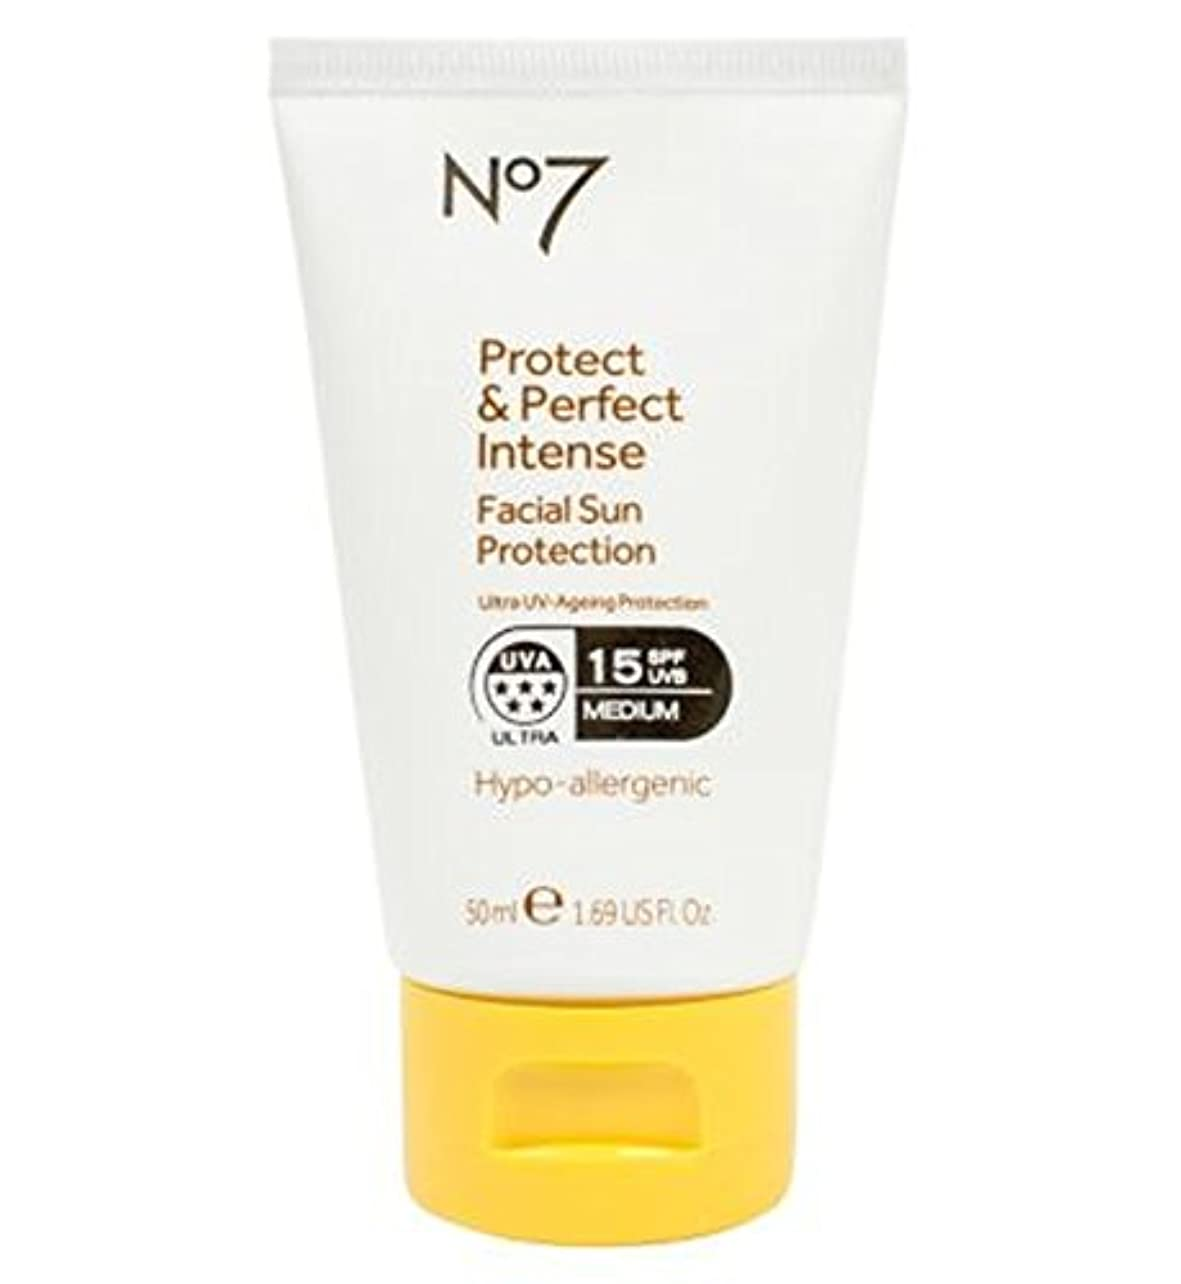 城全体にアラブ人No7 Protect & Perfect Intense Facial Sun Protection SPF 15 50ml - No7保護&完璧な強烈な顔の日焼け防止Spf 15 50ミリリットル (No7) [並行輸入品]